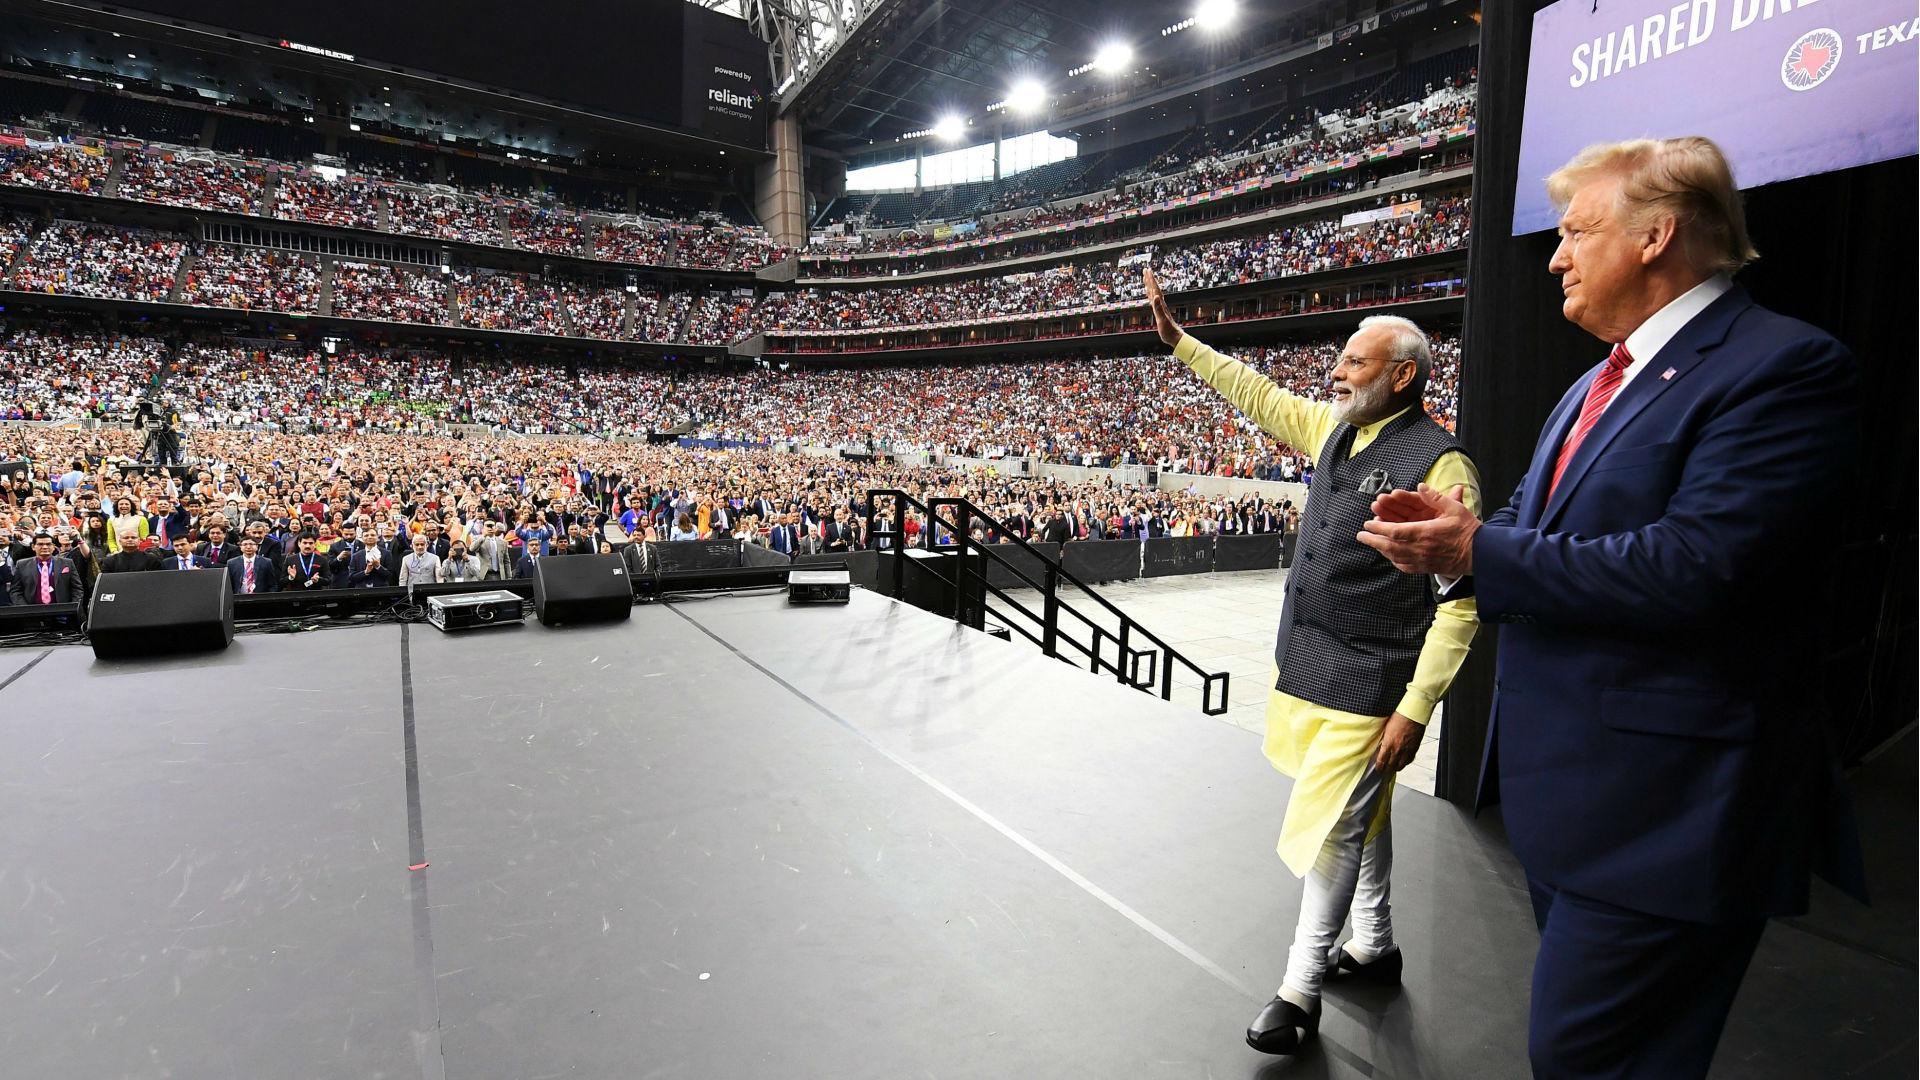 Howdy Modi: 'हाउडी मोदी' में छाए प्रधानमंत्री नरेंद्र मोदी, बॉलीवुड बोला- एक दिन हम दुनिया पर करेंगे राज